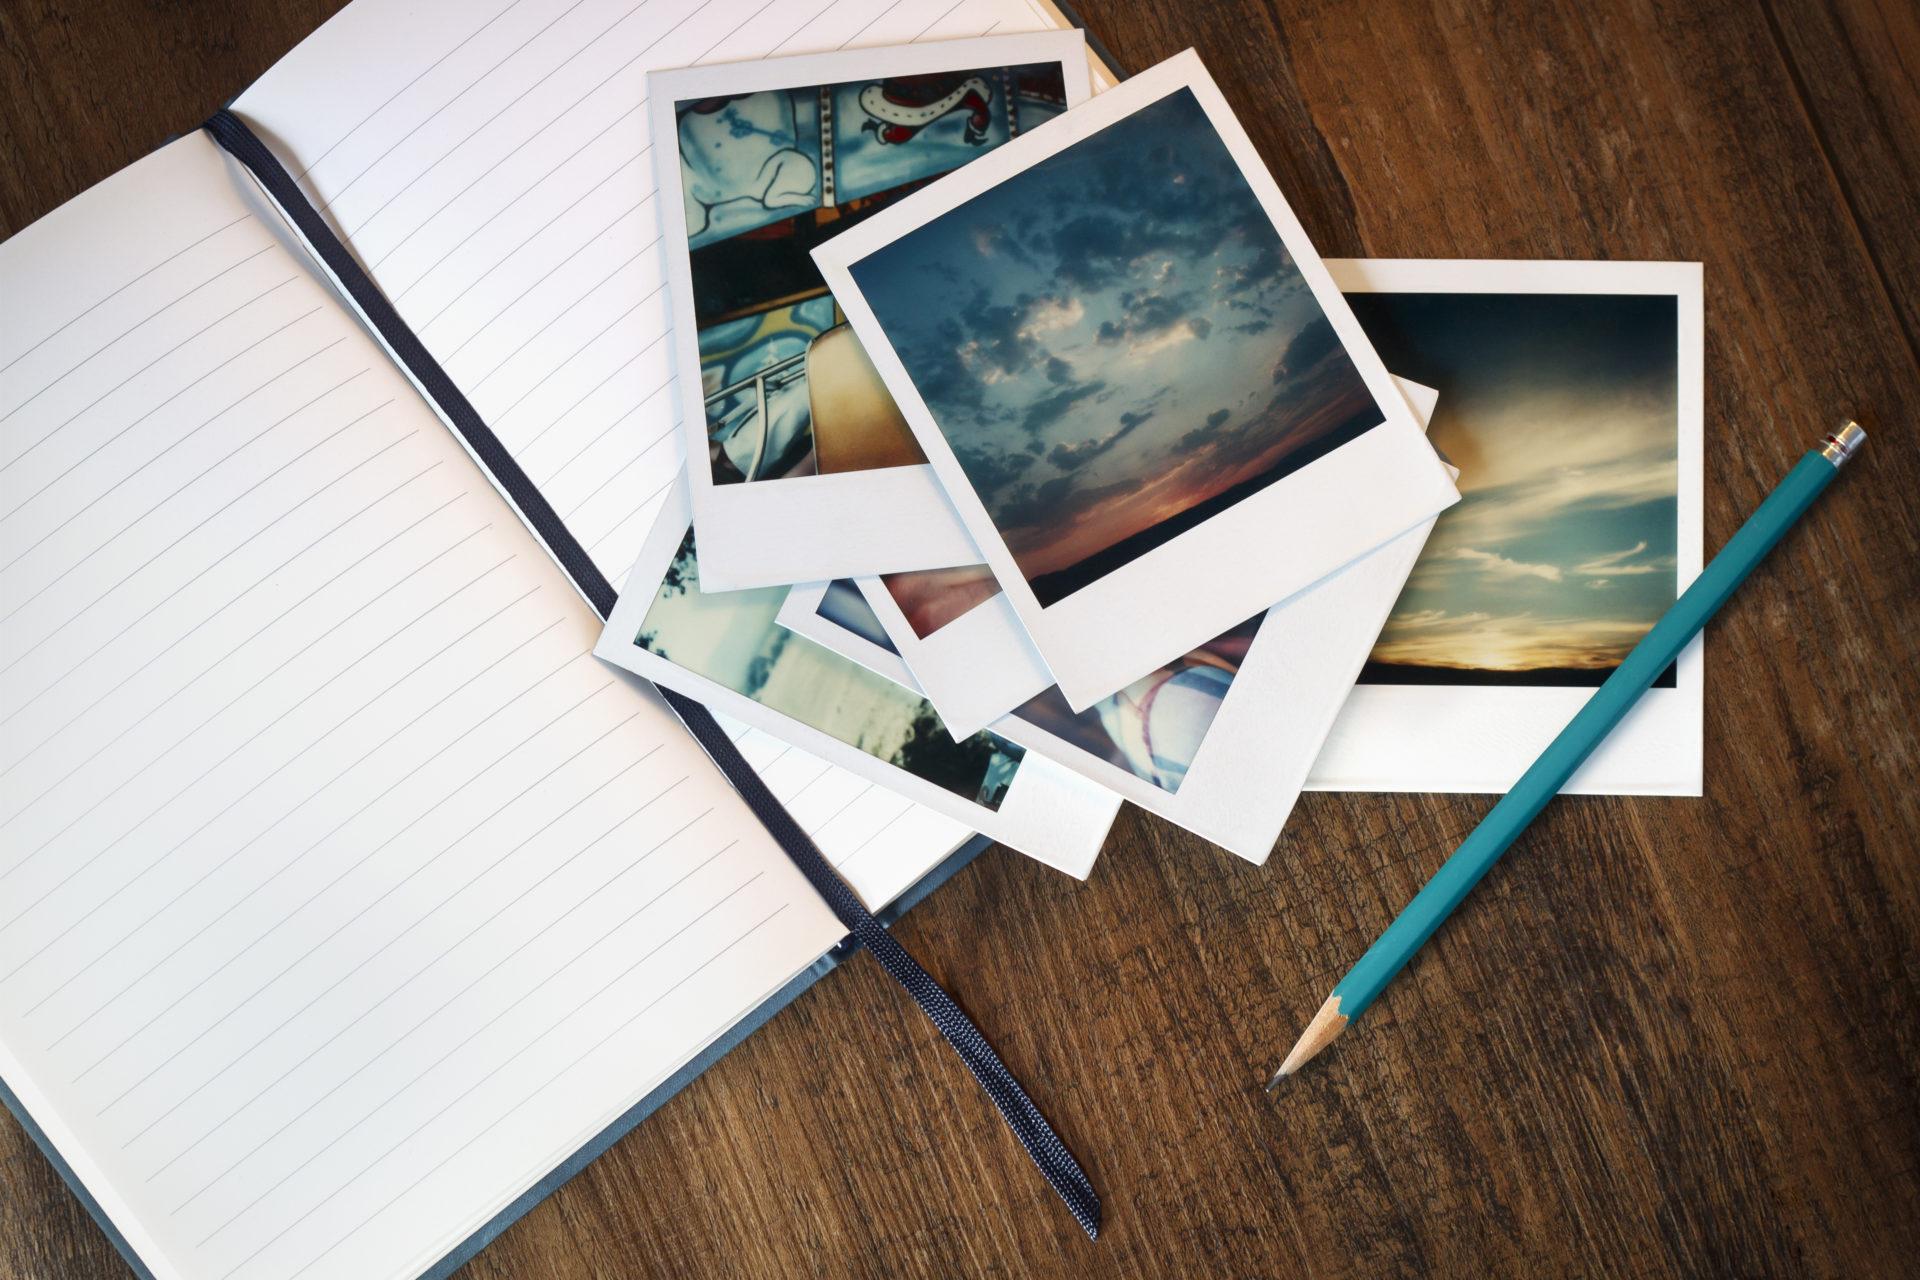 Notizbuch mit Fotografien von Urlaubszielen